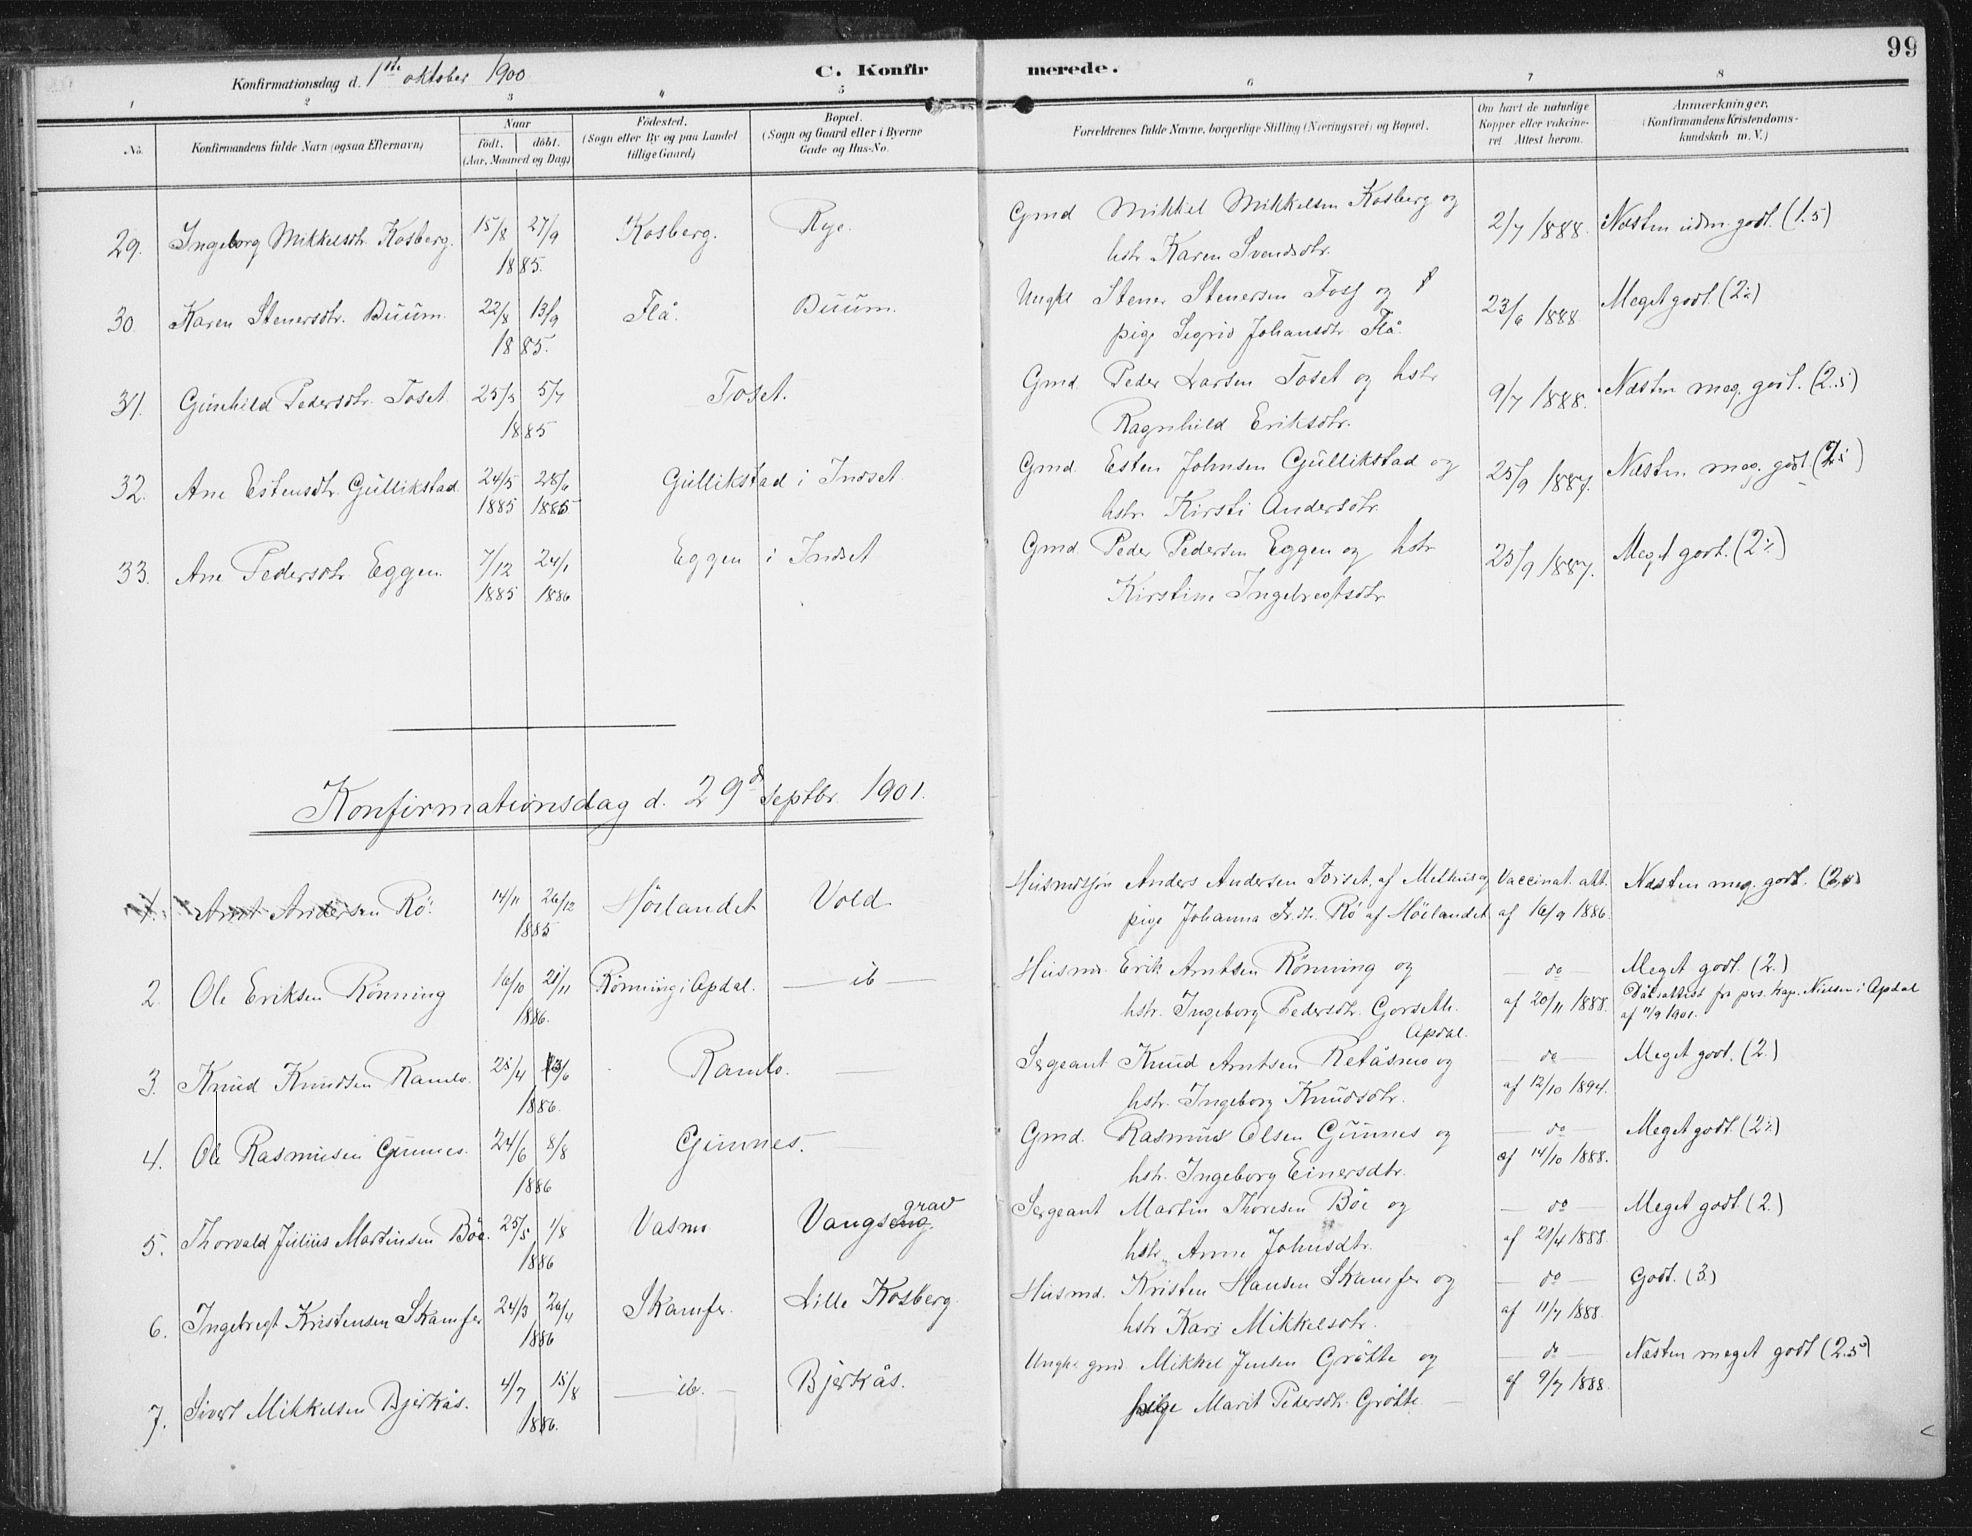 SAT, Ministerialprotokoller, klokkerbøker og fødselsregistre - Sør-Trøndelag, 674/L0872: Ministerialbok nr. 674A04, 1897-1907, s. 99